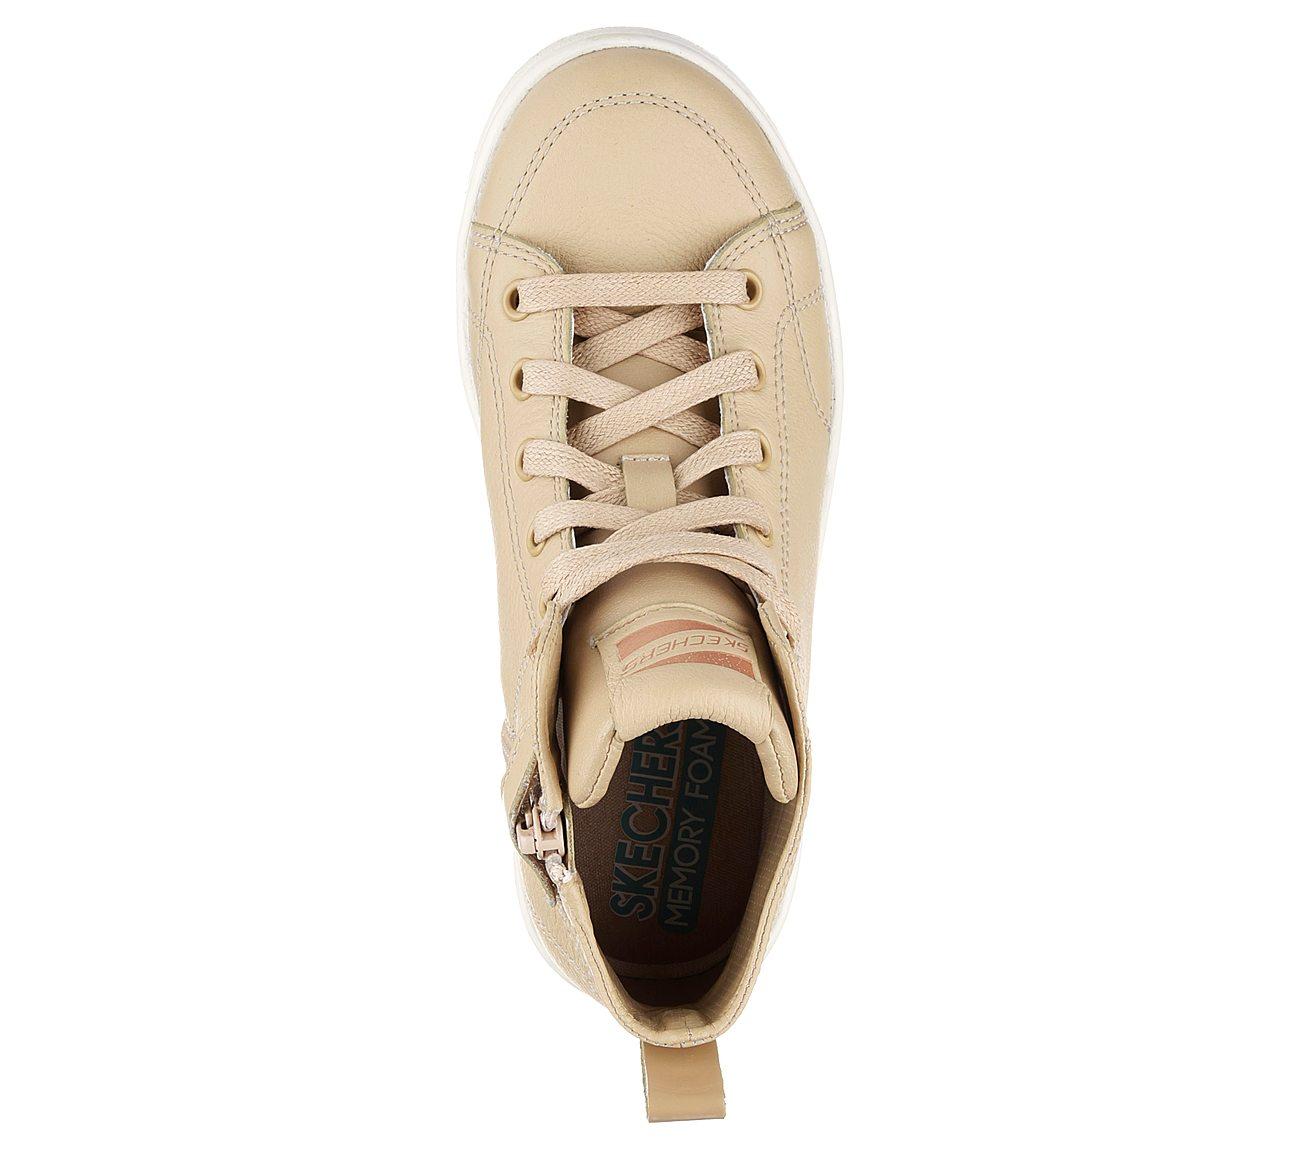 6b98d3a7d41d Buy SKECHERS Omne - Midtown SKECHER Street Shoes only 55